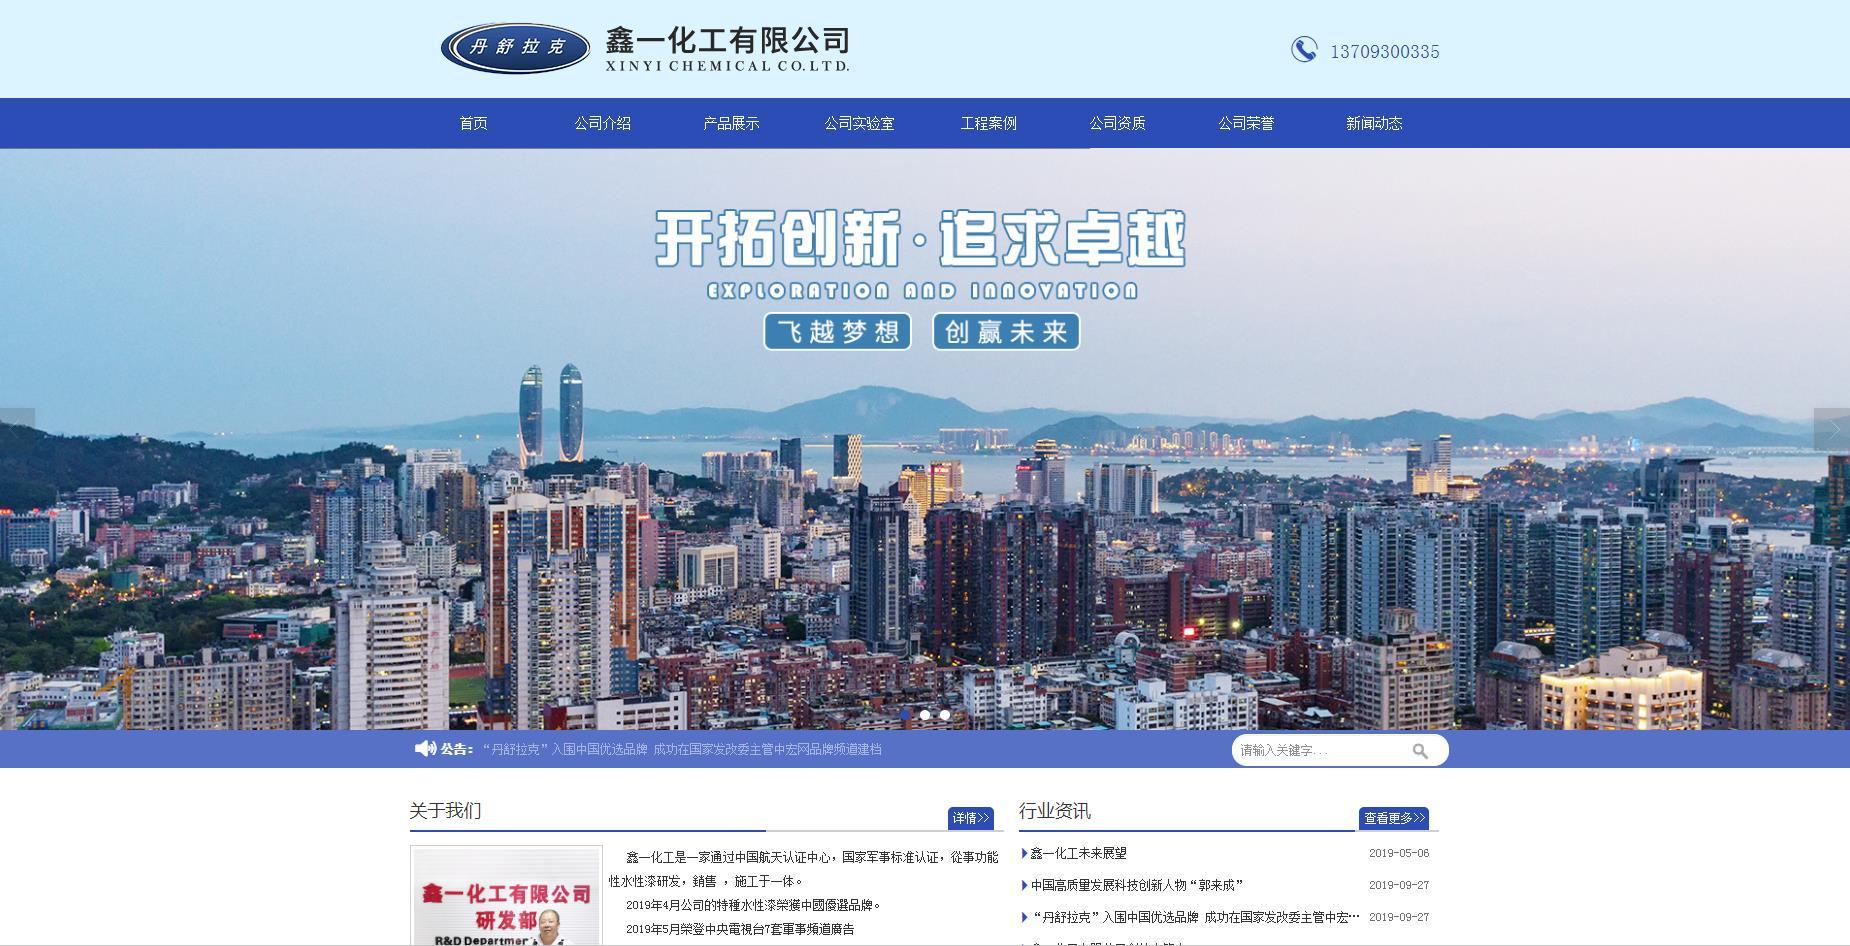 漳州鑫一化工有限公司網站建設案例